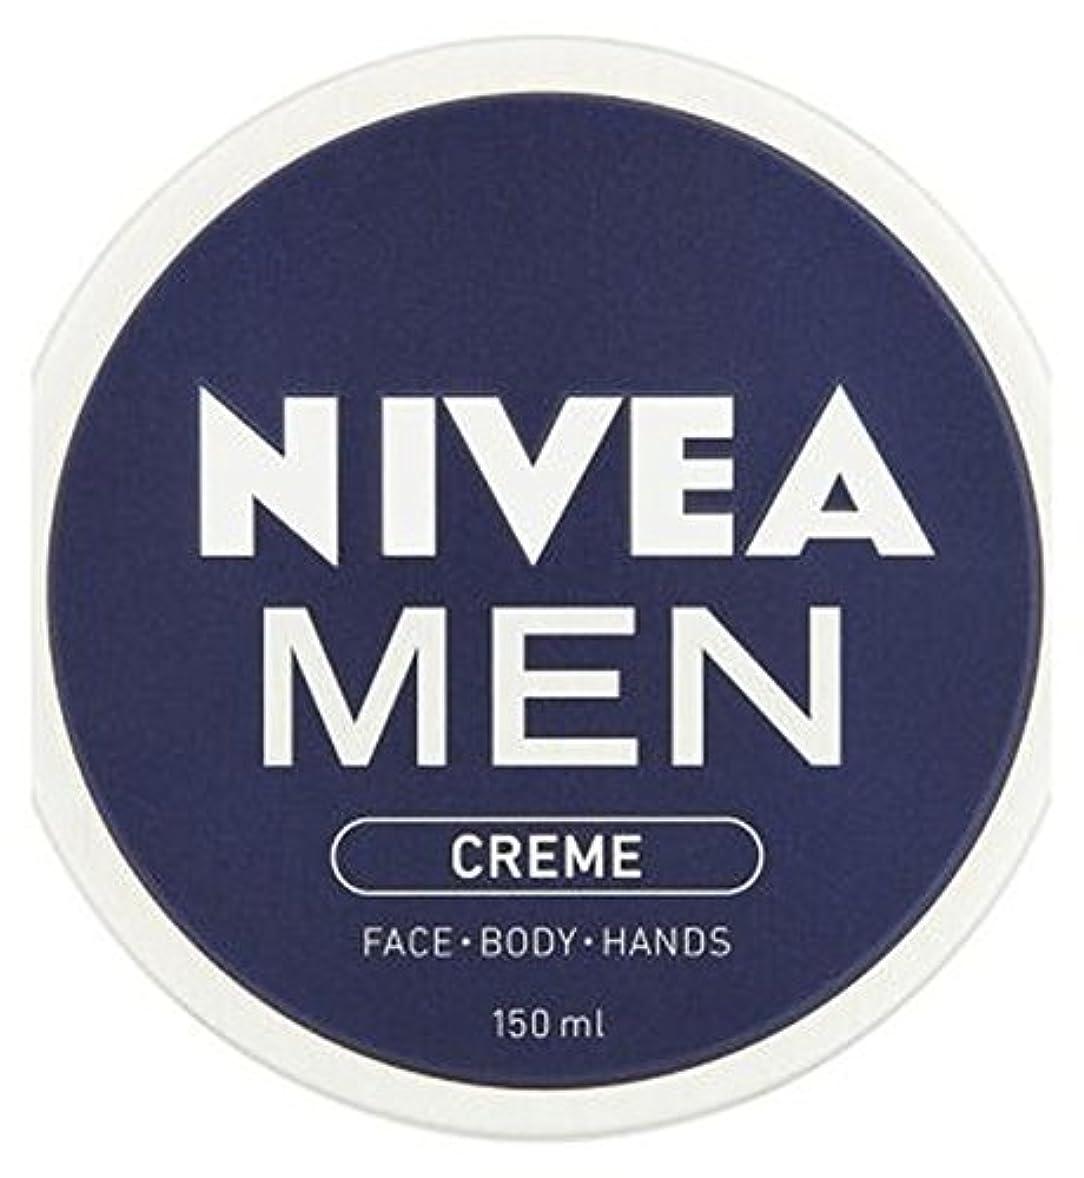 NIVEA MEN Creme 150ml - ニベアの男性が150ミリリットルクリーム (Nivea) [並行輸入品]